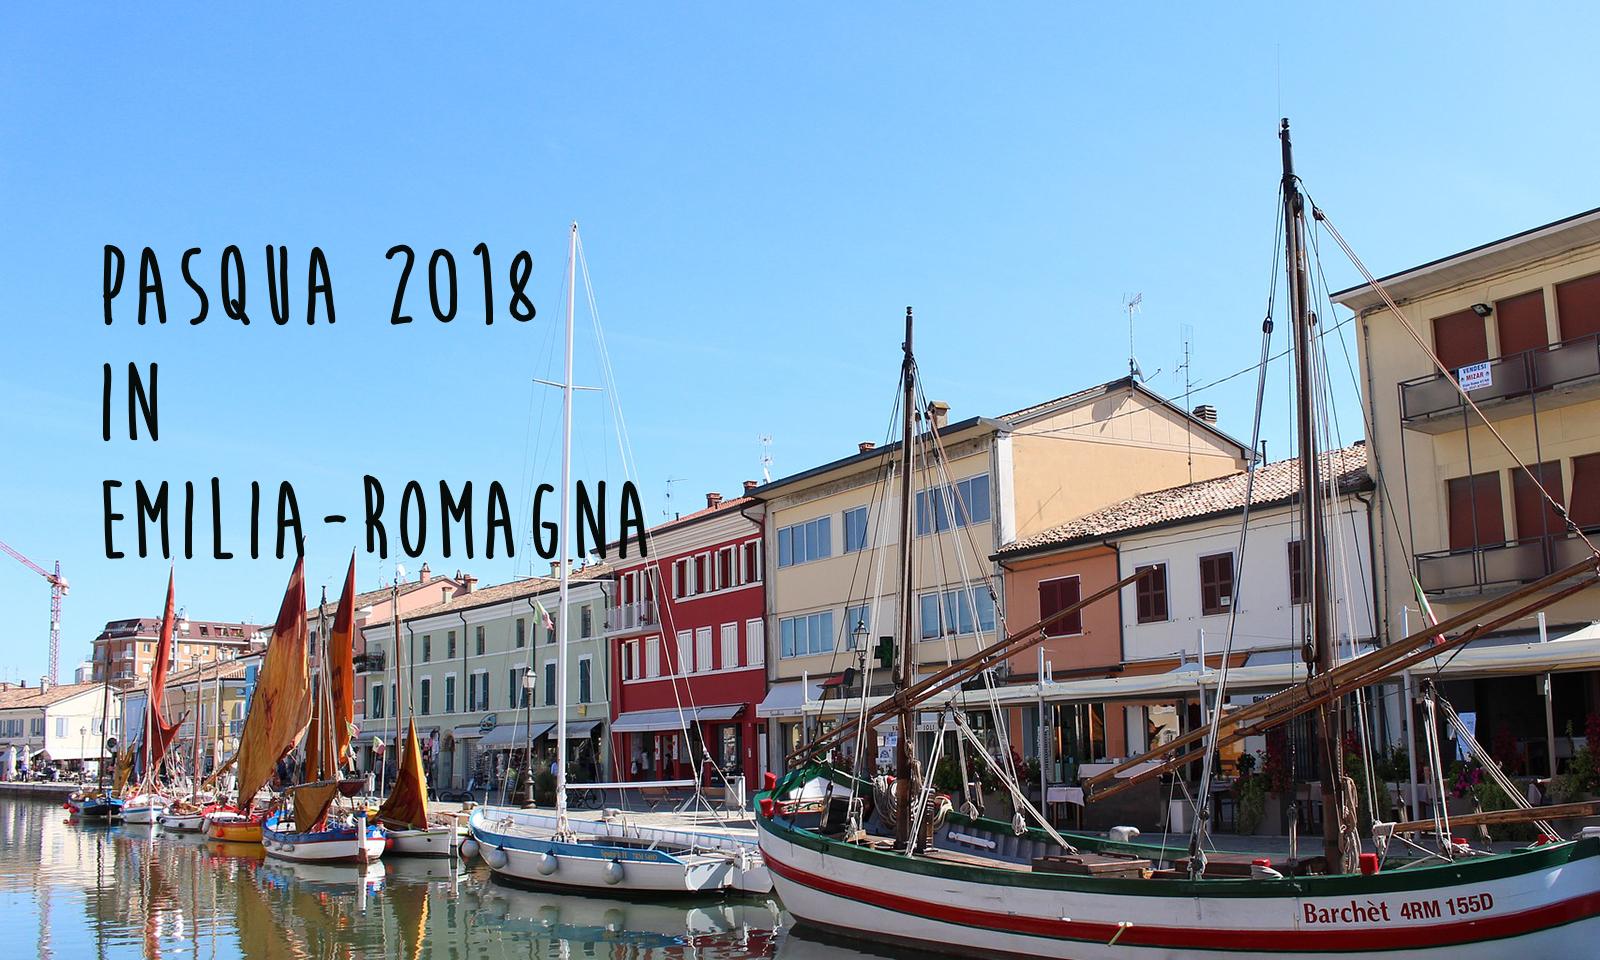 Pasqua 2018: evento in Emilia-Romagna